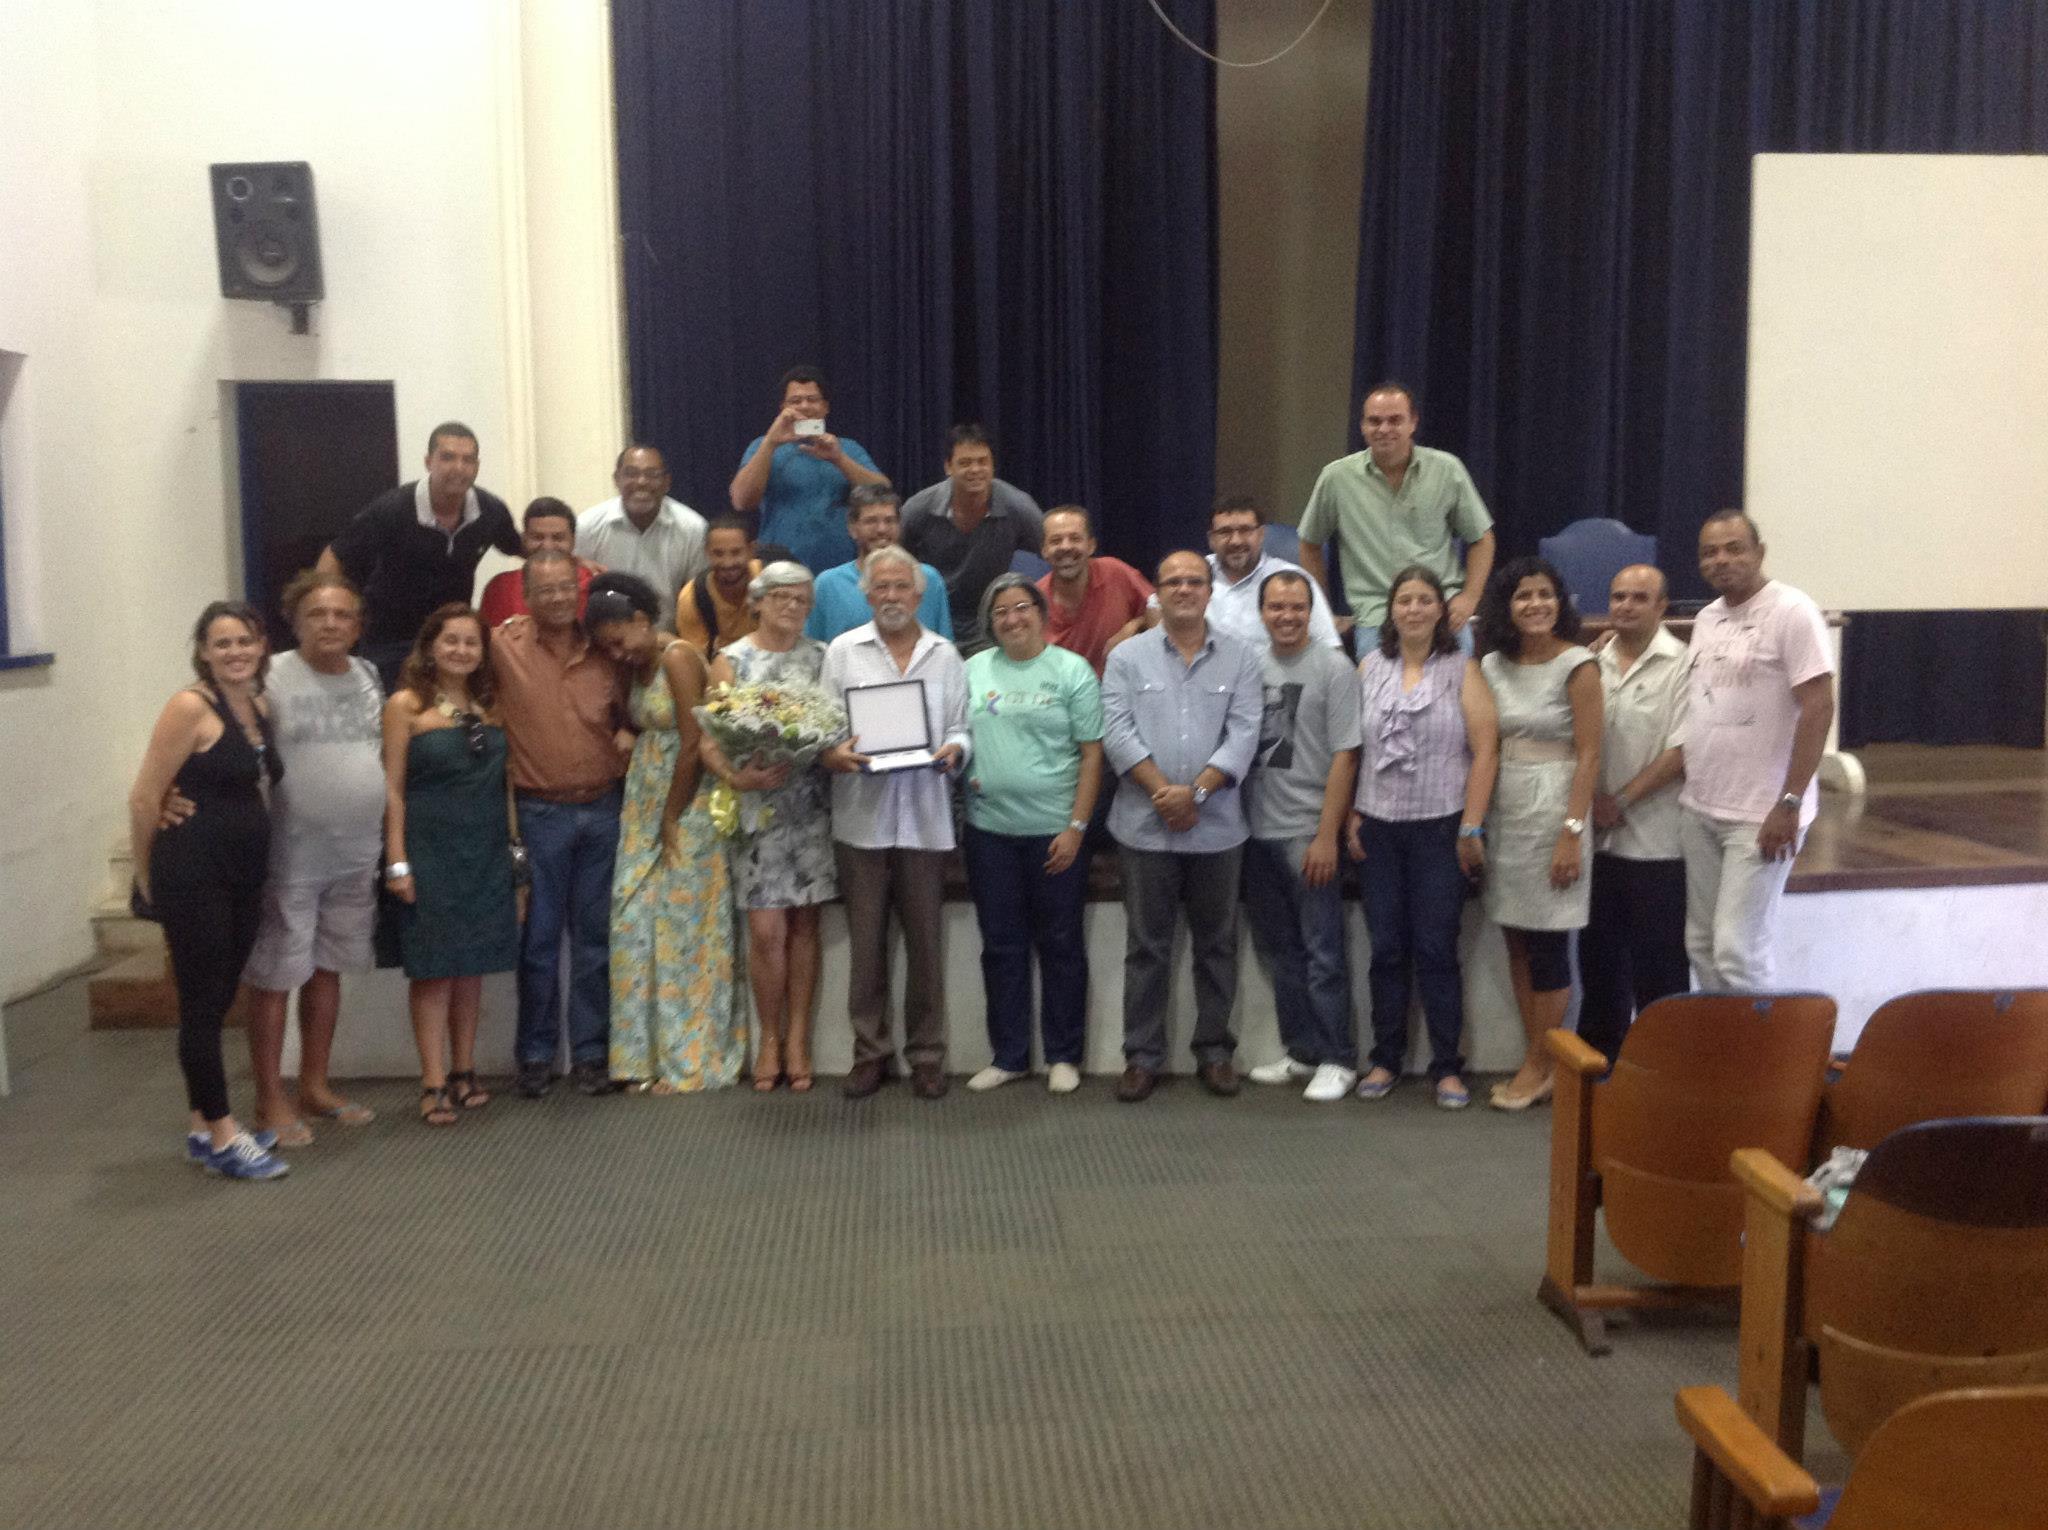 GALERIA DE FOTOS – Homenagem ao Prof. Joelito